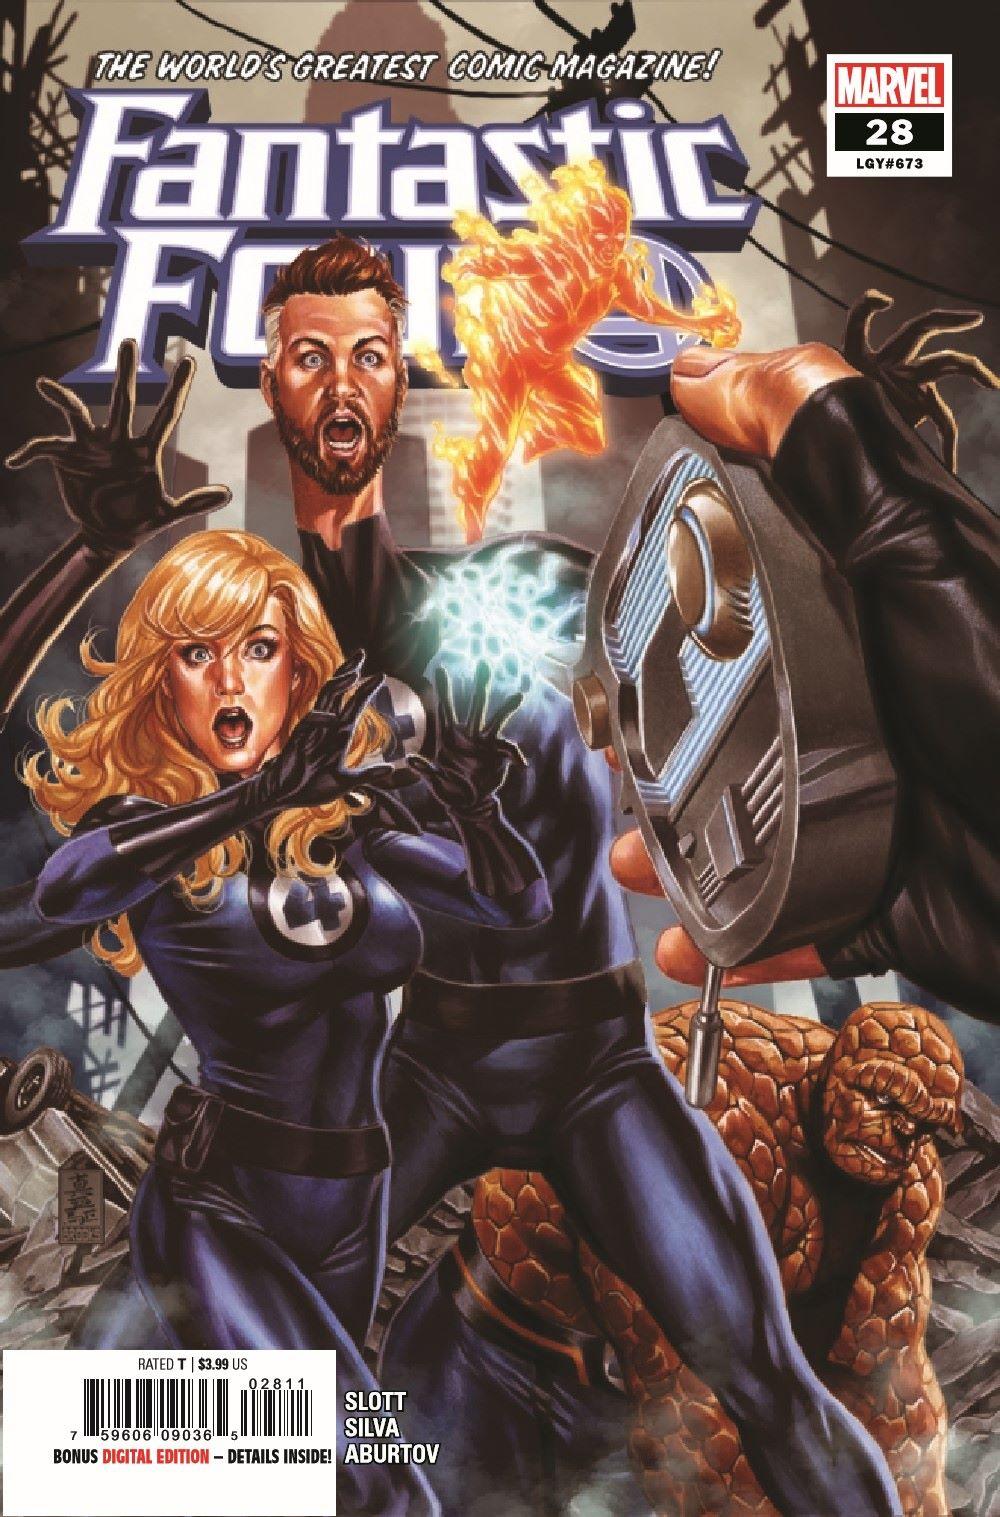 FF2018028_Preview-1 ComicList Previews: FANTASTIC FOUR #28